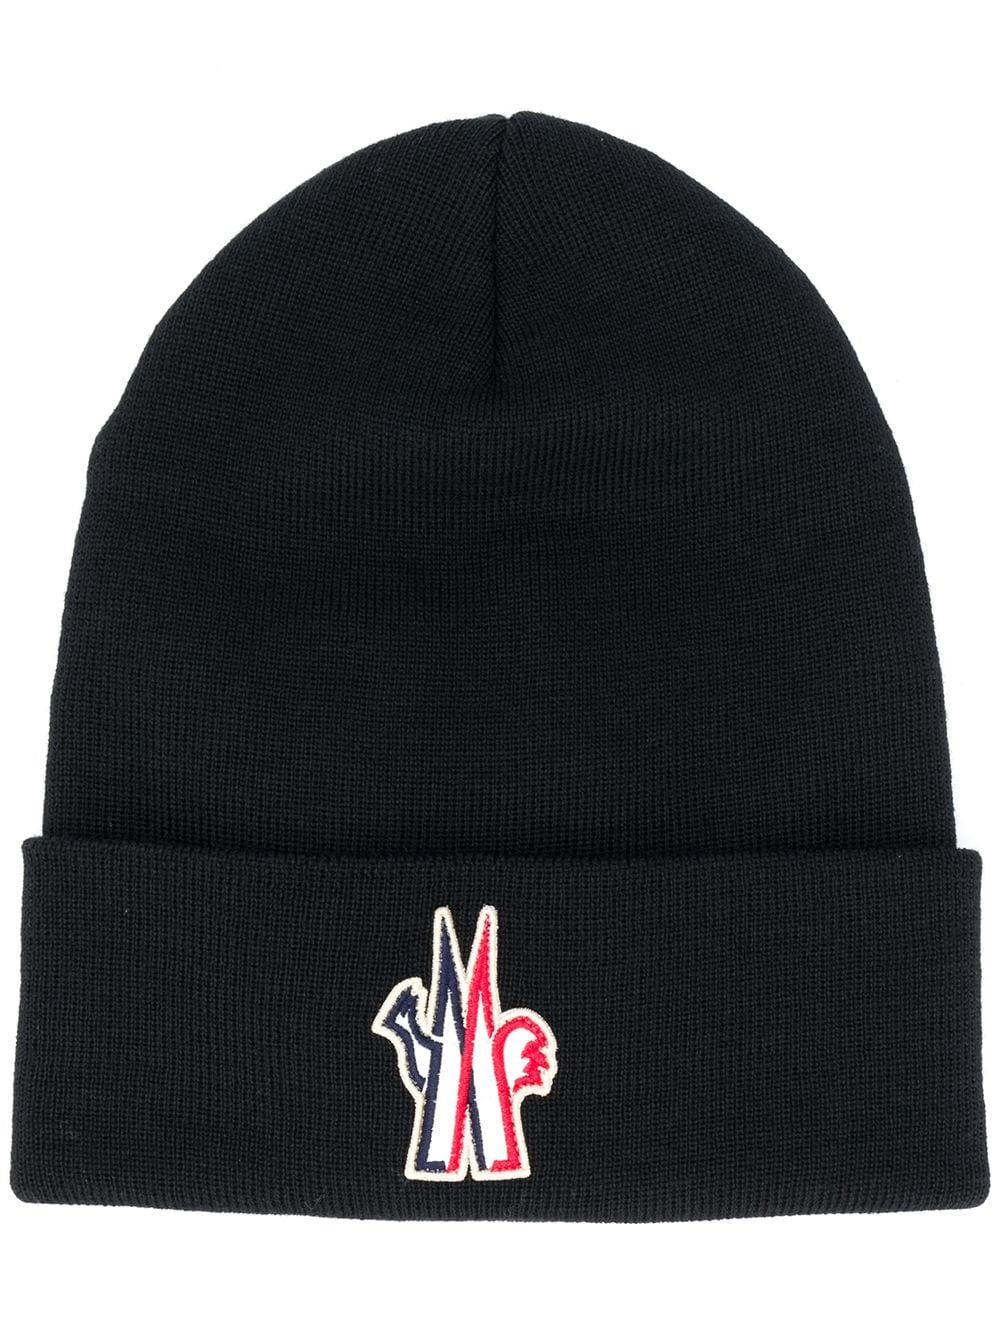 berretto di lana merino nero con logo Moncler Grenoble MONCLER GRENOBLE   Cappelli   3B100-00-09974999